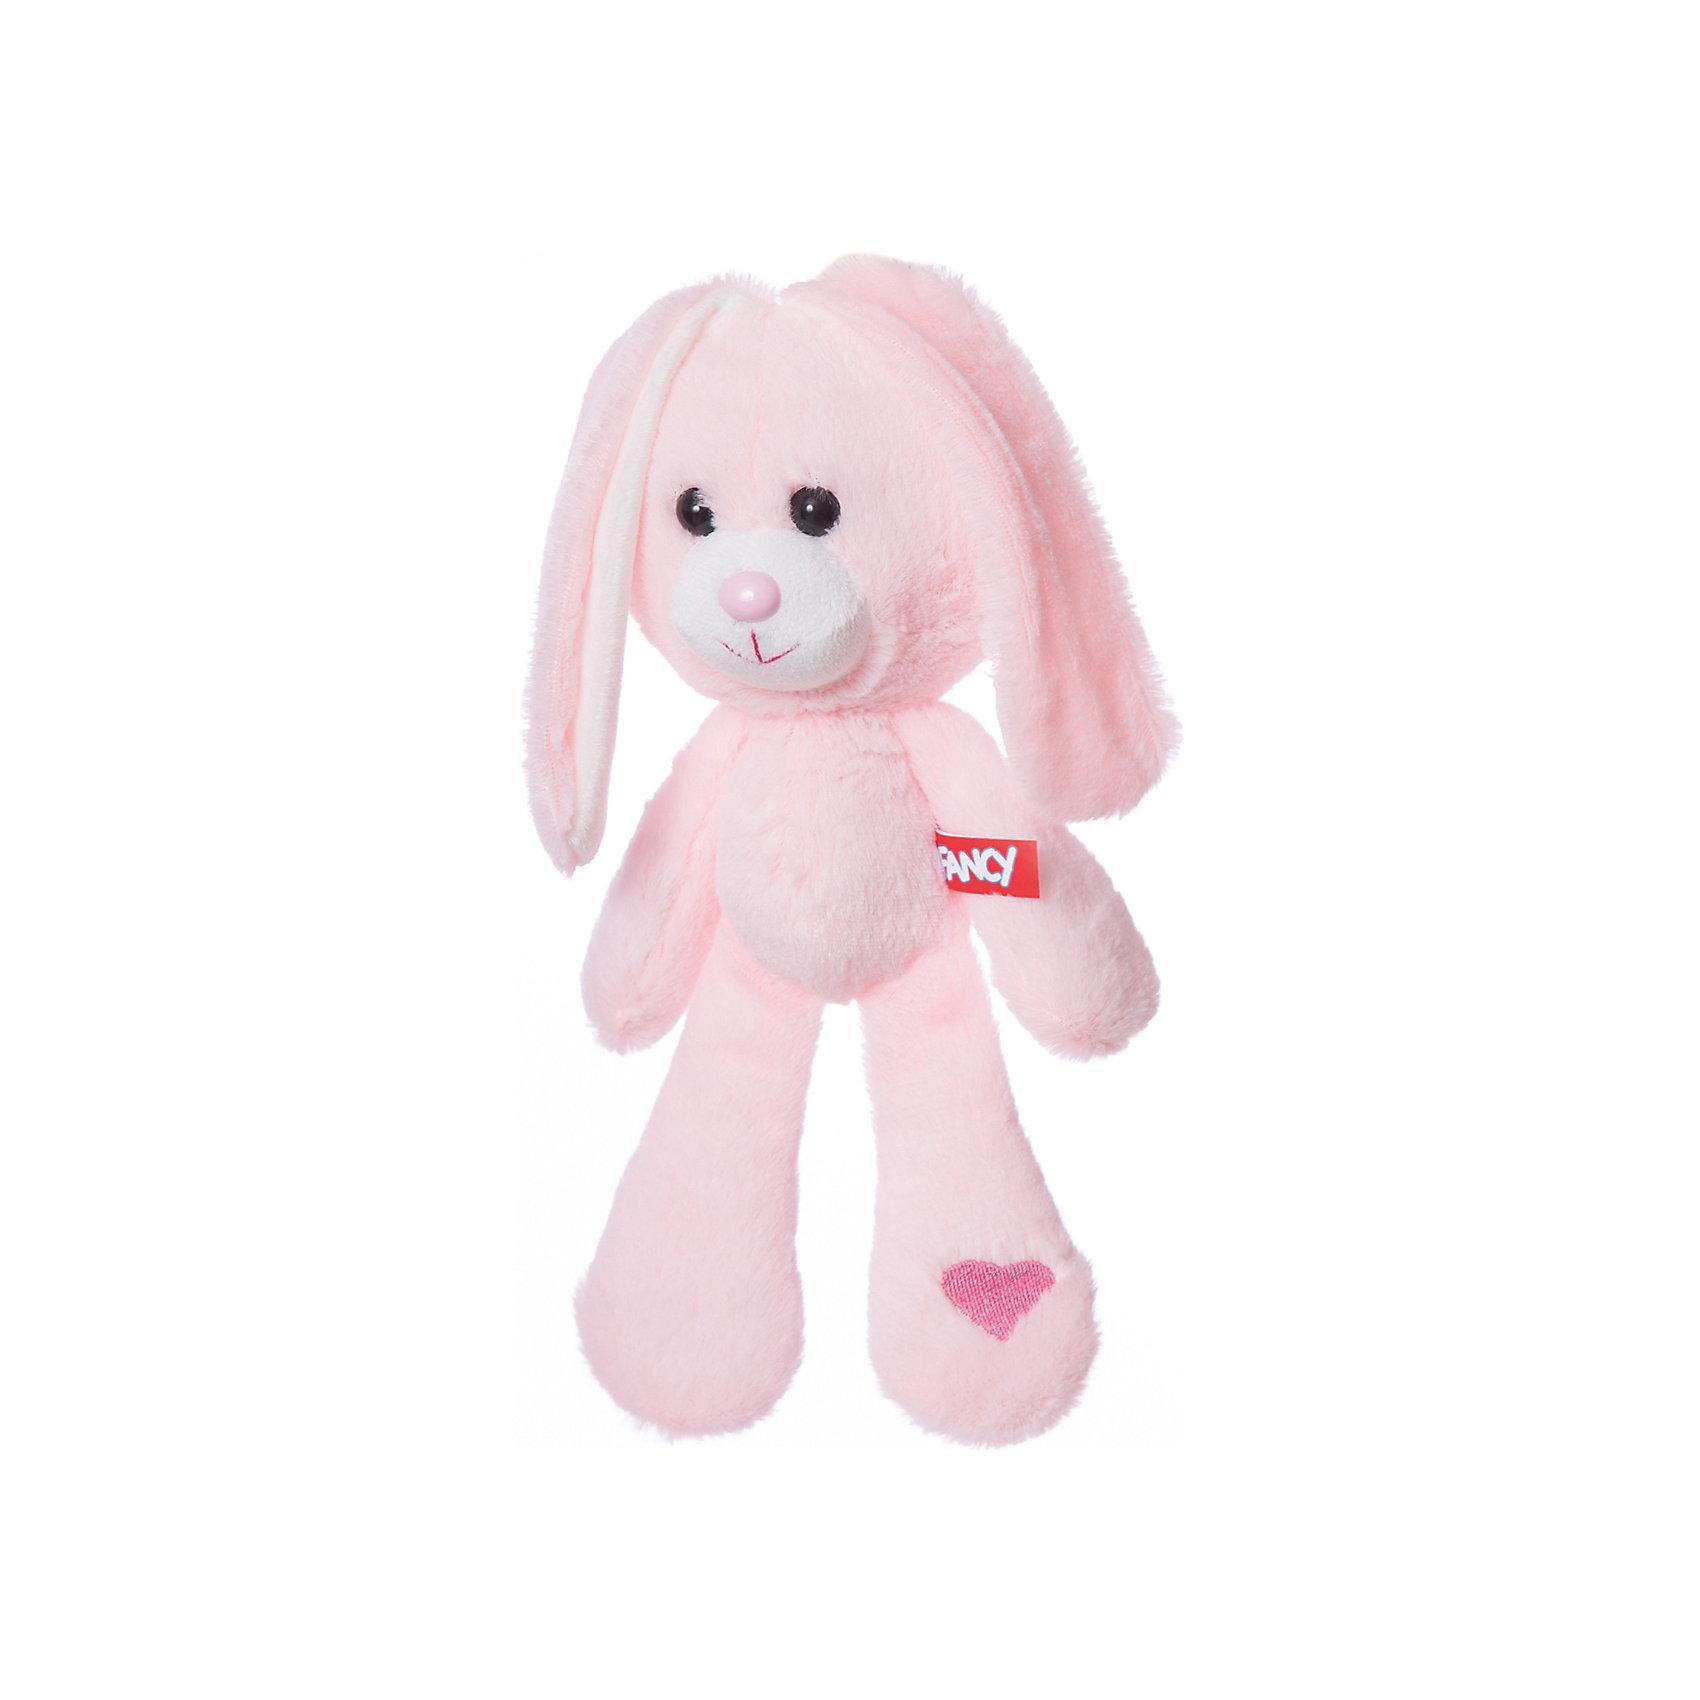 Зайчик Беня, FancyЗайцы и кролики<br>Милый зайчик Беня всегда будет с Вашим ребенком! С ним можно играть, спать или брать с собой на прогулку.<br>Порадуйте ребенка таким милым подарком!<br><br>Дополнительная информация: <br><br>- Возраст: от 3 лет.<br>- Материал: плюш, наполнитель, текстиль, пластик.<br>- Размер упаковки: 30.5х12х10 см.<br>- Вес в упаковке: 95 г.<br><br>Купить зайчика Беню от Fancy, можно в нашем магазине.<br><br>Ширина мм: 305<br>Глубина мм: 120<br>Высота мм: 100<br>Вес г: 95<br>Возраст от месяцев: 36<br>Возраст до месяцев: 2147483647<br>Пол: Унисекс<br>Возраст: Детский<br>SKU: 5025388